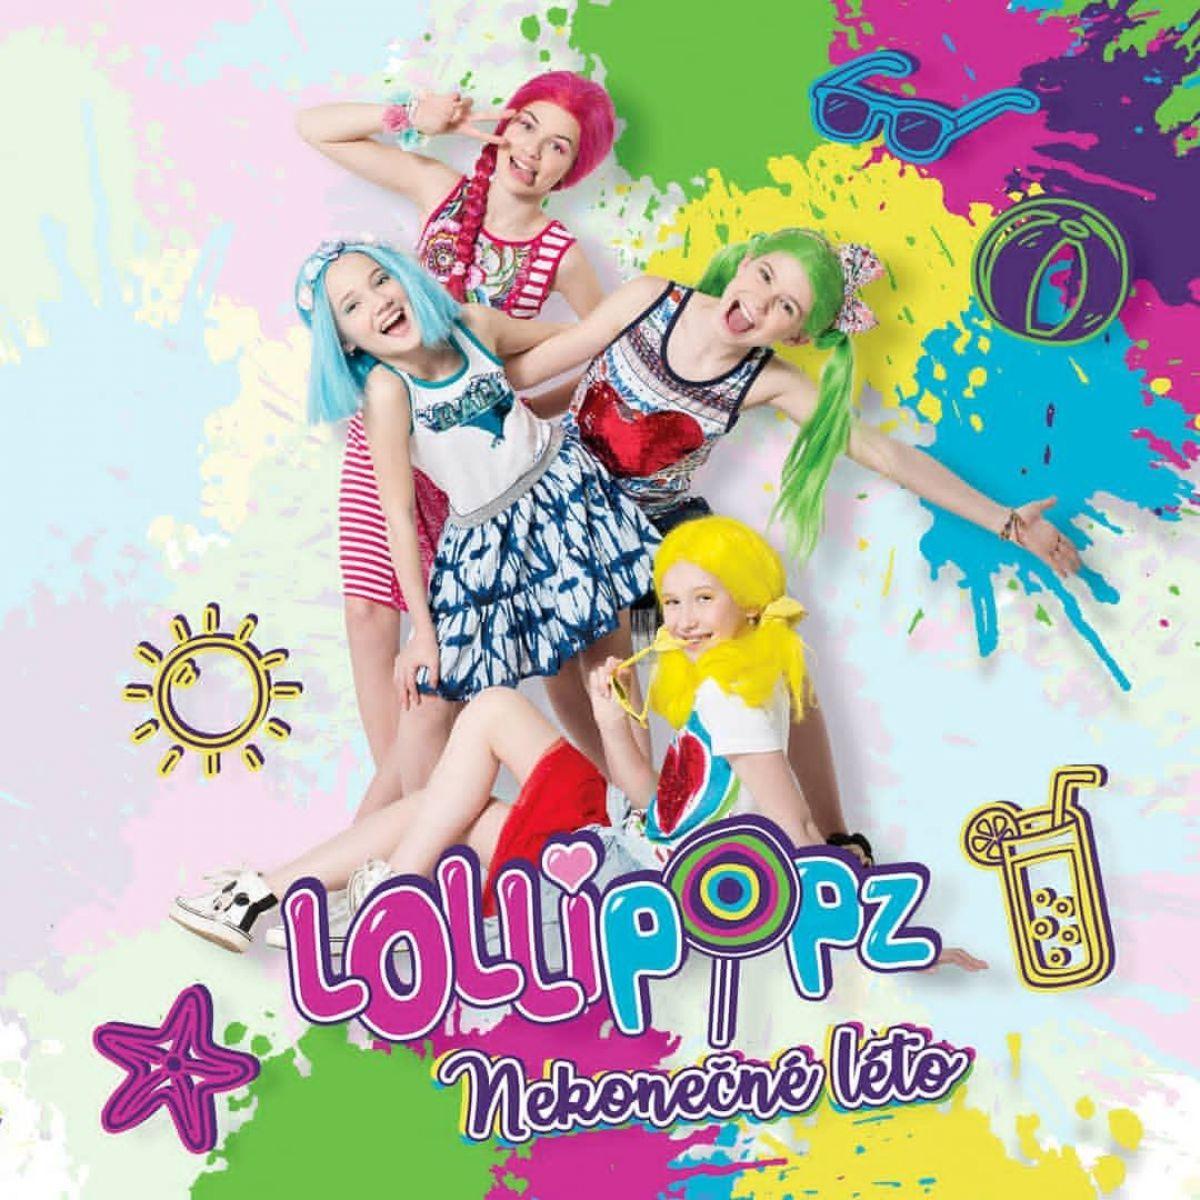 CD Lollipopz Nekonečné léto